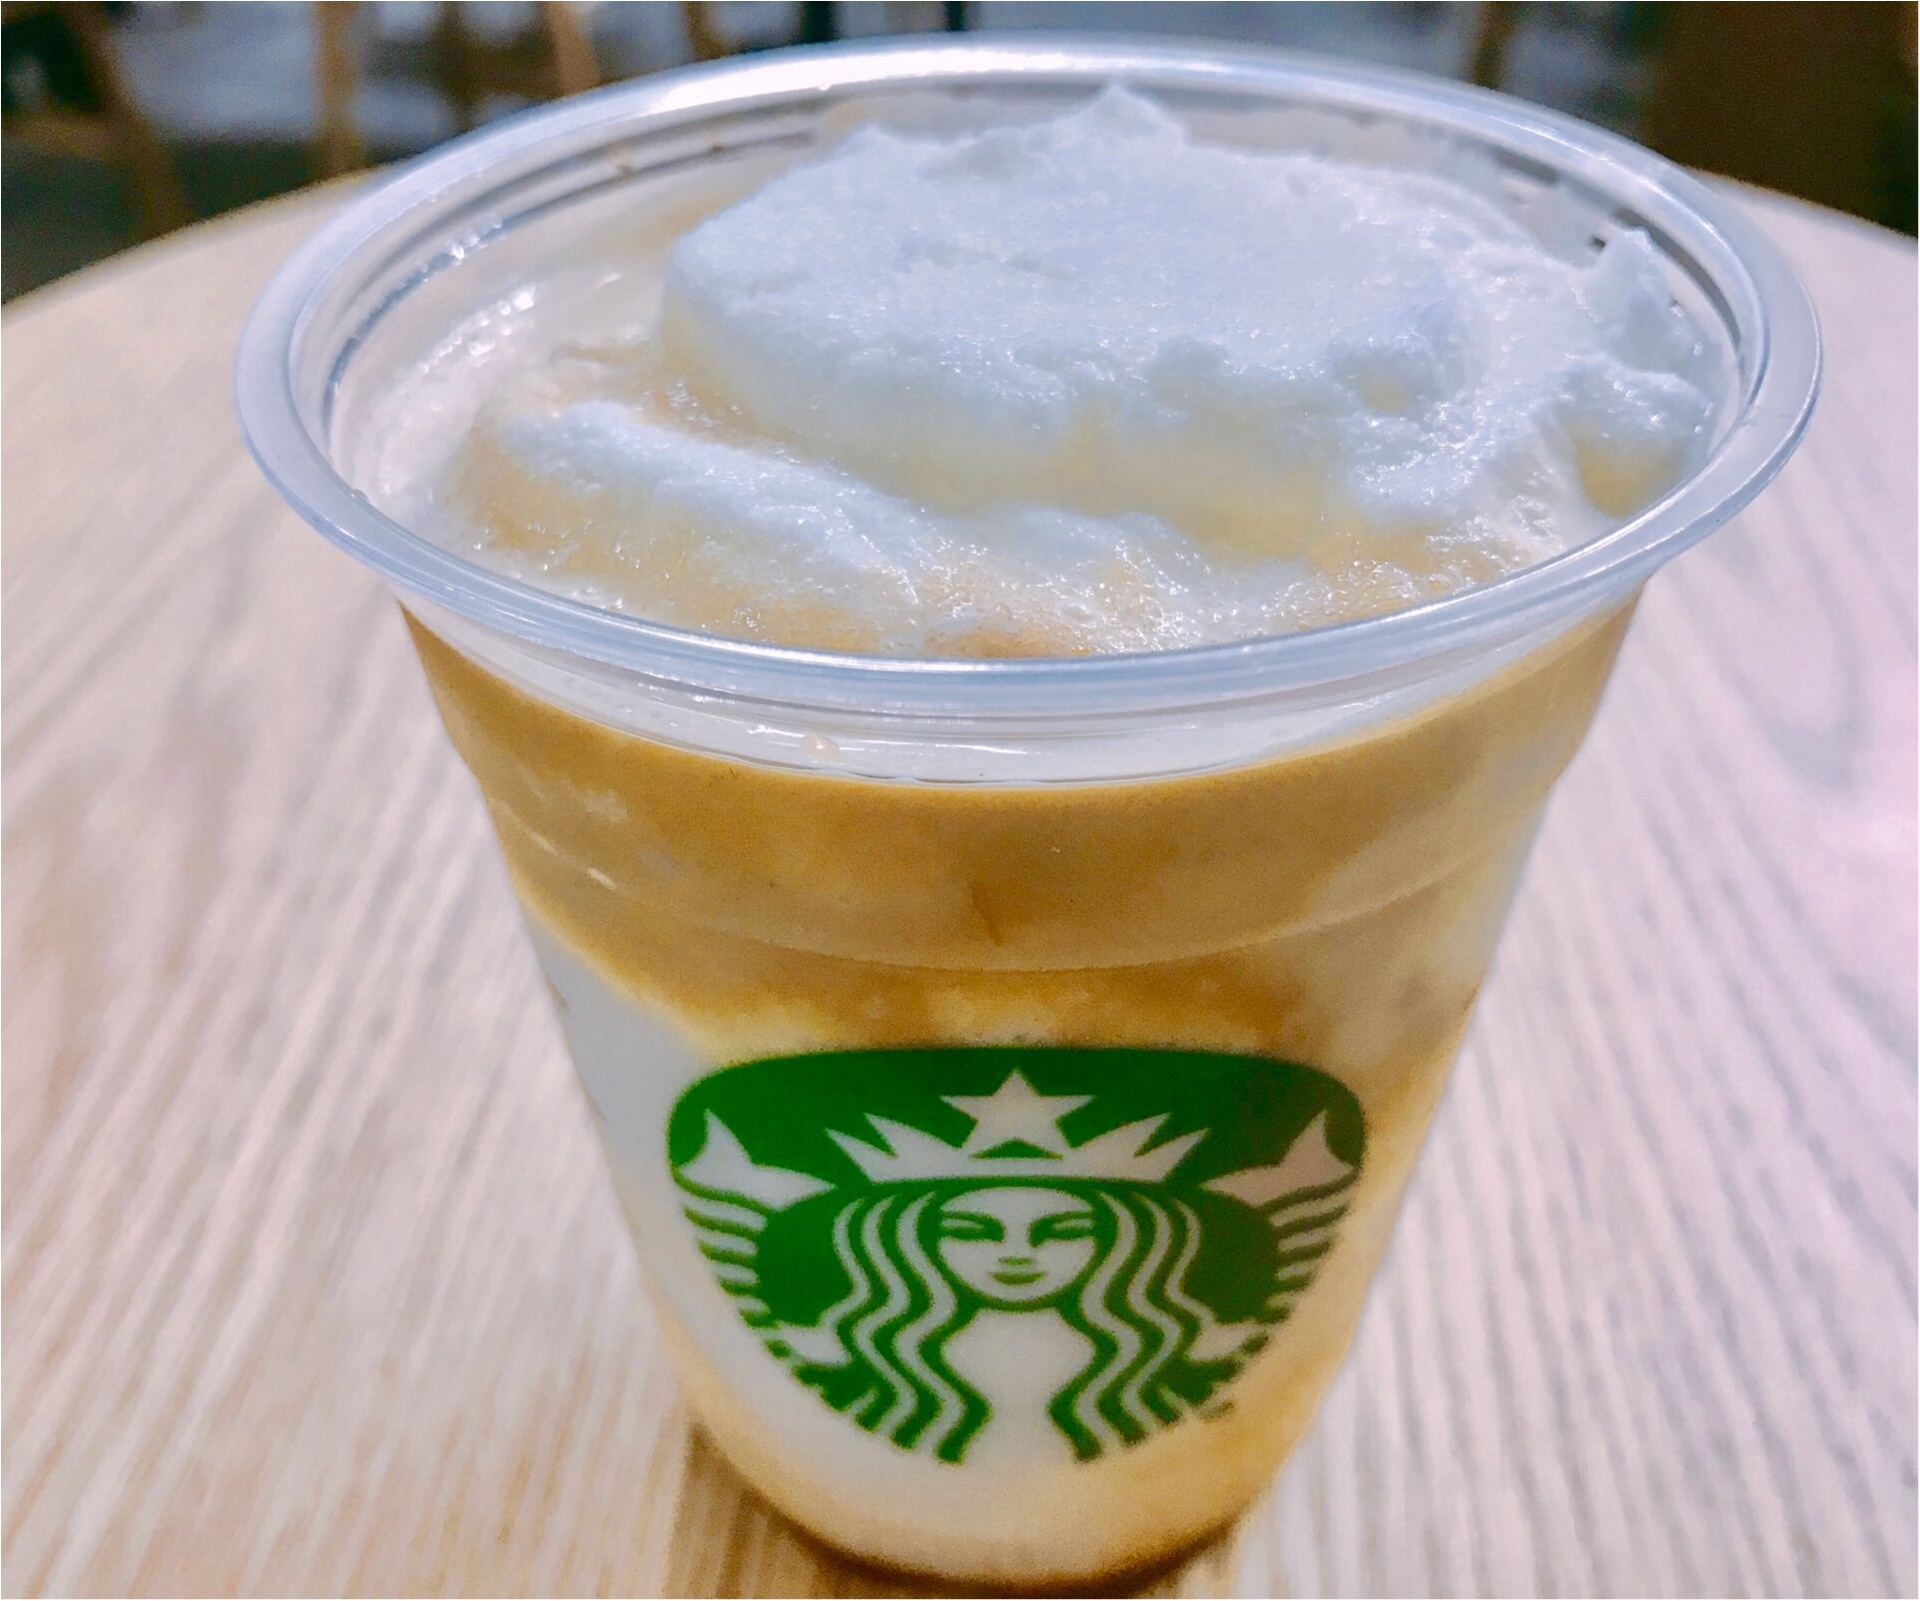 【スタバ】コーヒー好きにはたまらない!スタバ至上最もエスプレッソ感の強い《エスプレッソ アフォガート フラペチーノ》が新登場❤︎なんと今回は全サイズ対応!カロリーが気になる方も◎_2